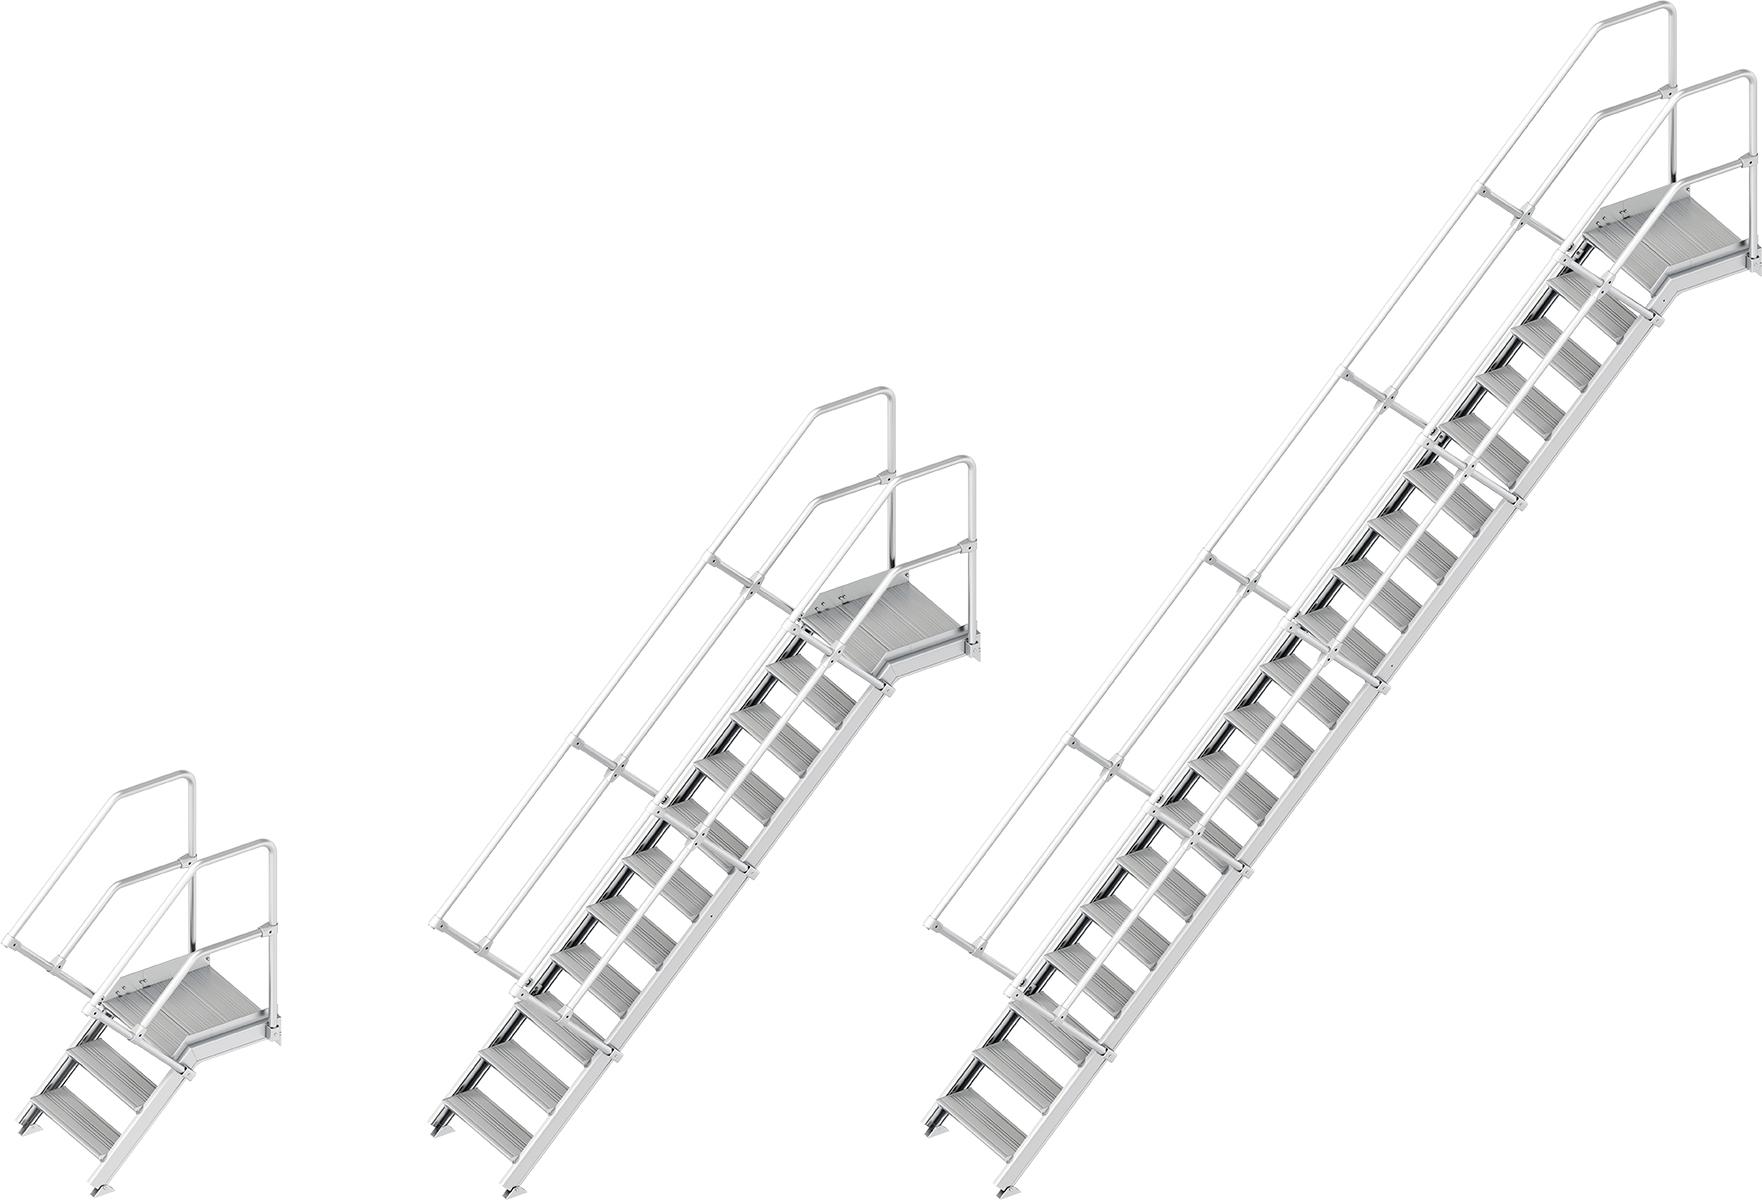 Layher Plattformtreppe 45° - 600 mm breit